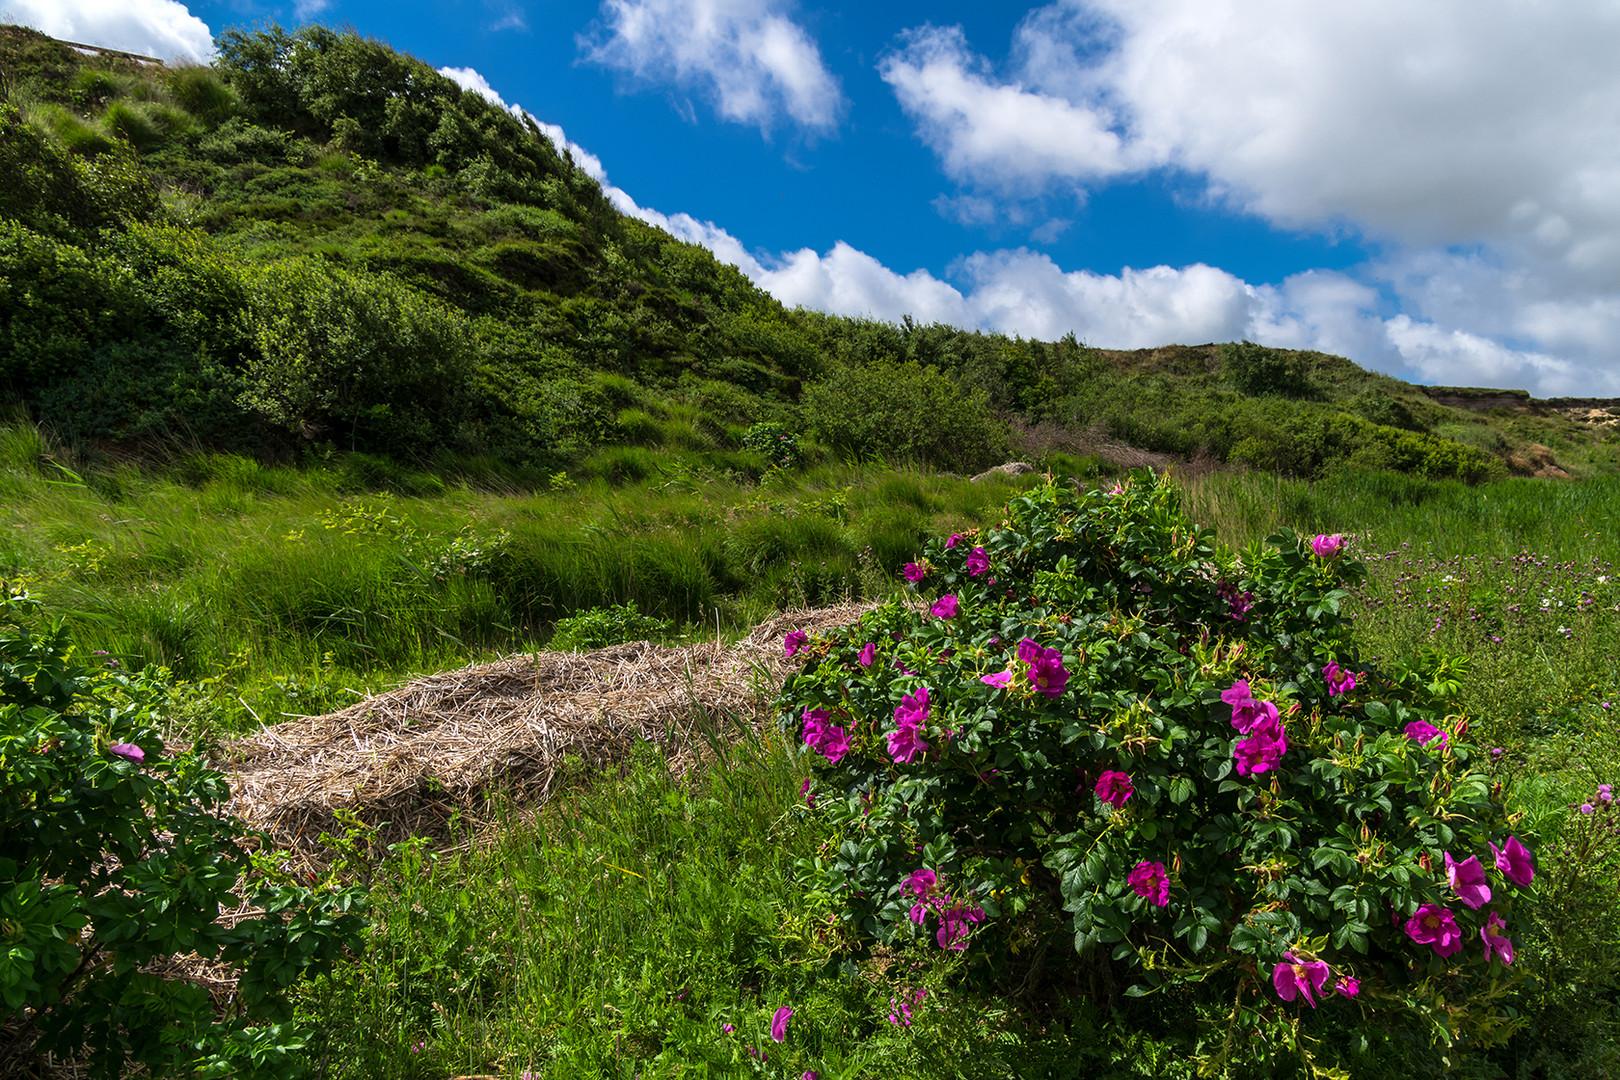 Kamtschatka-Rose am Watt bei Morsum